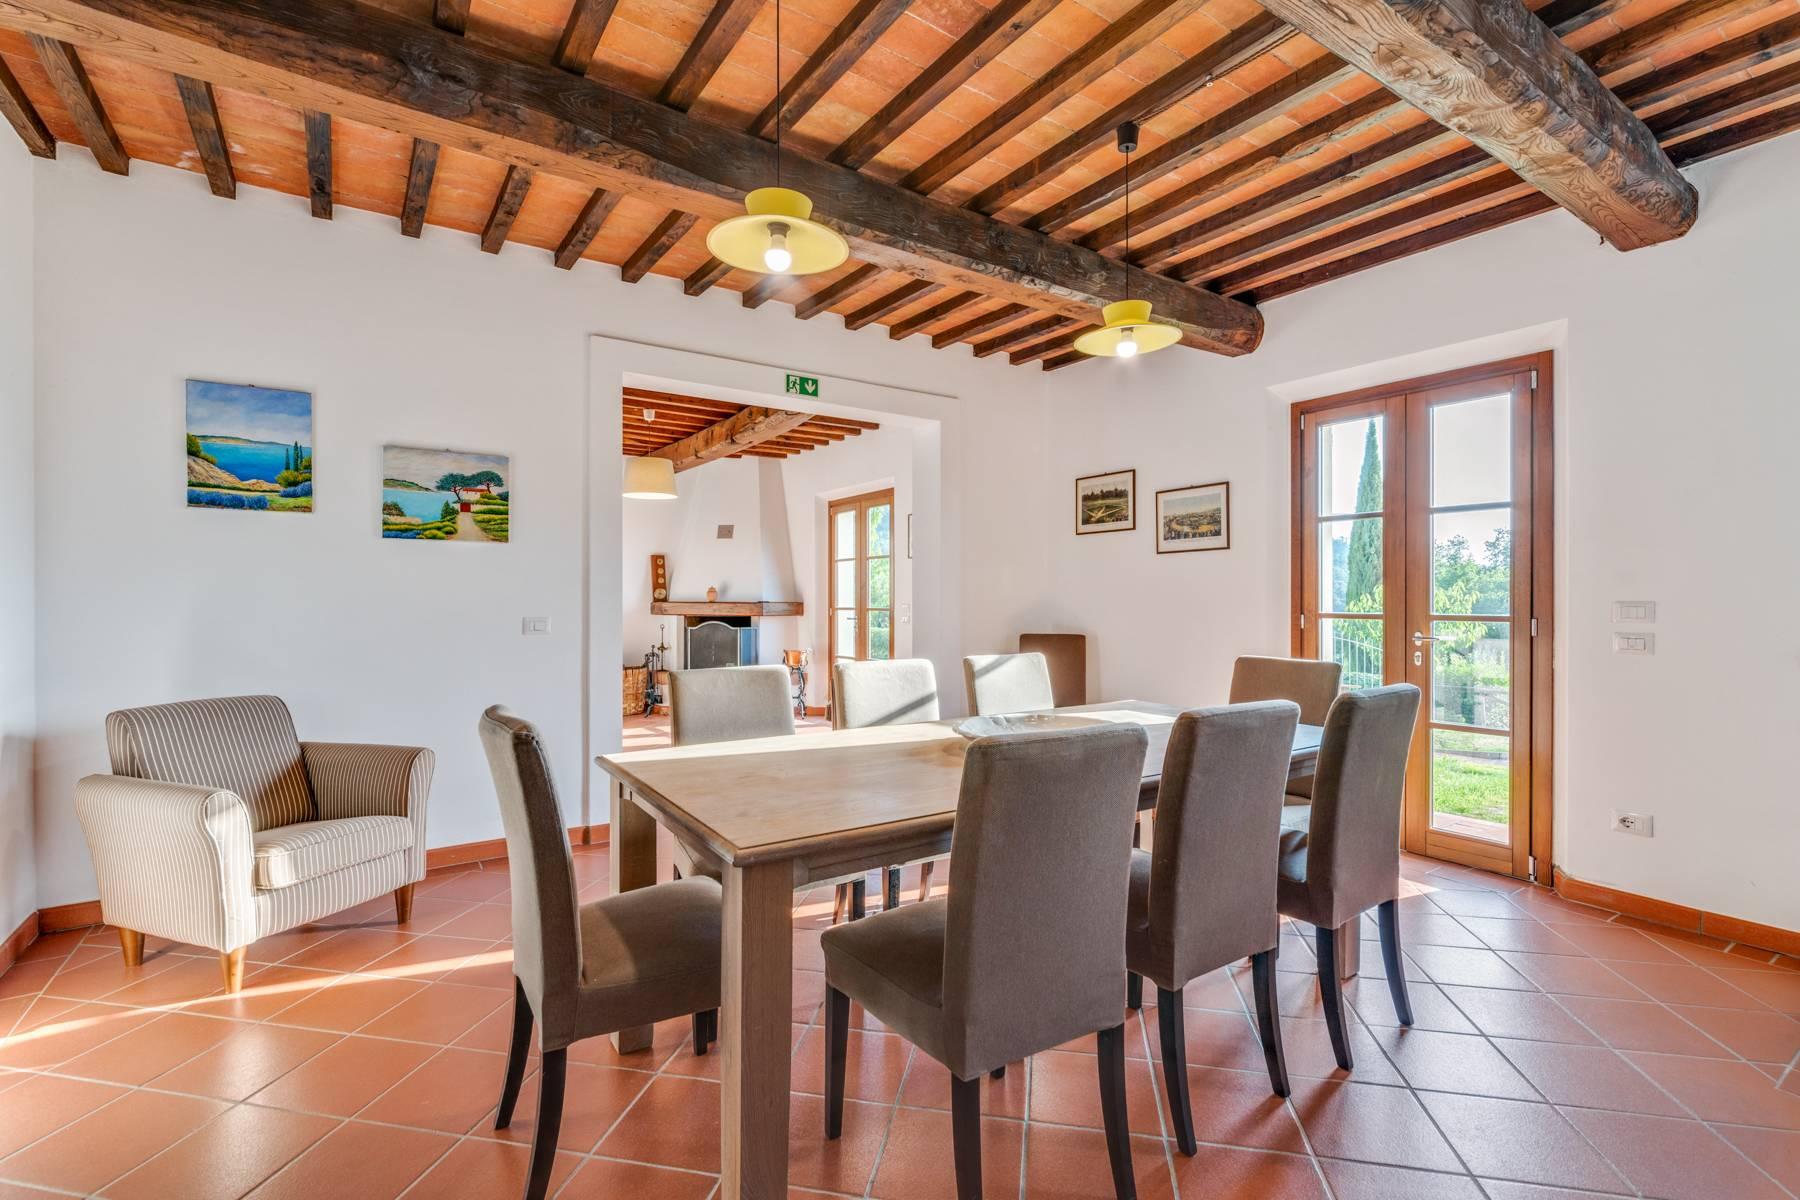 Rustico in Vendita a Monsummano Terme: 5 locali, 380 mq - Foto 7